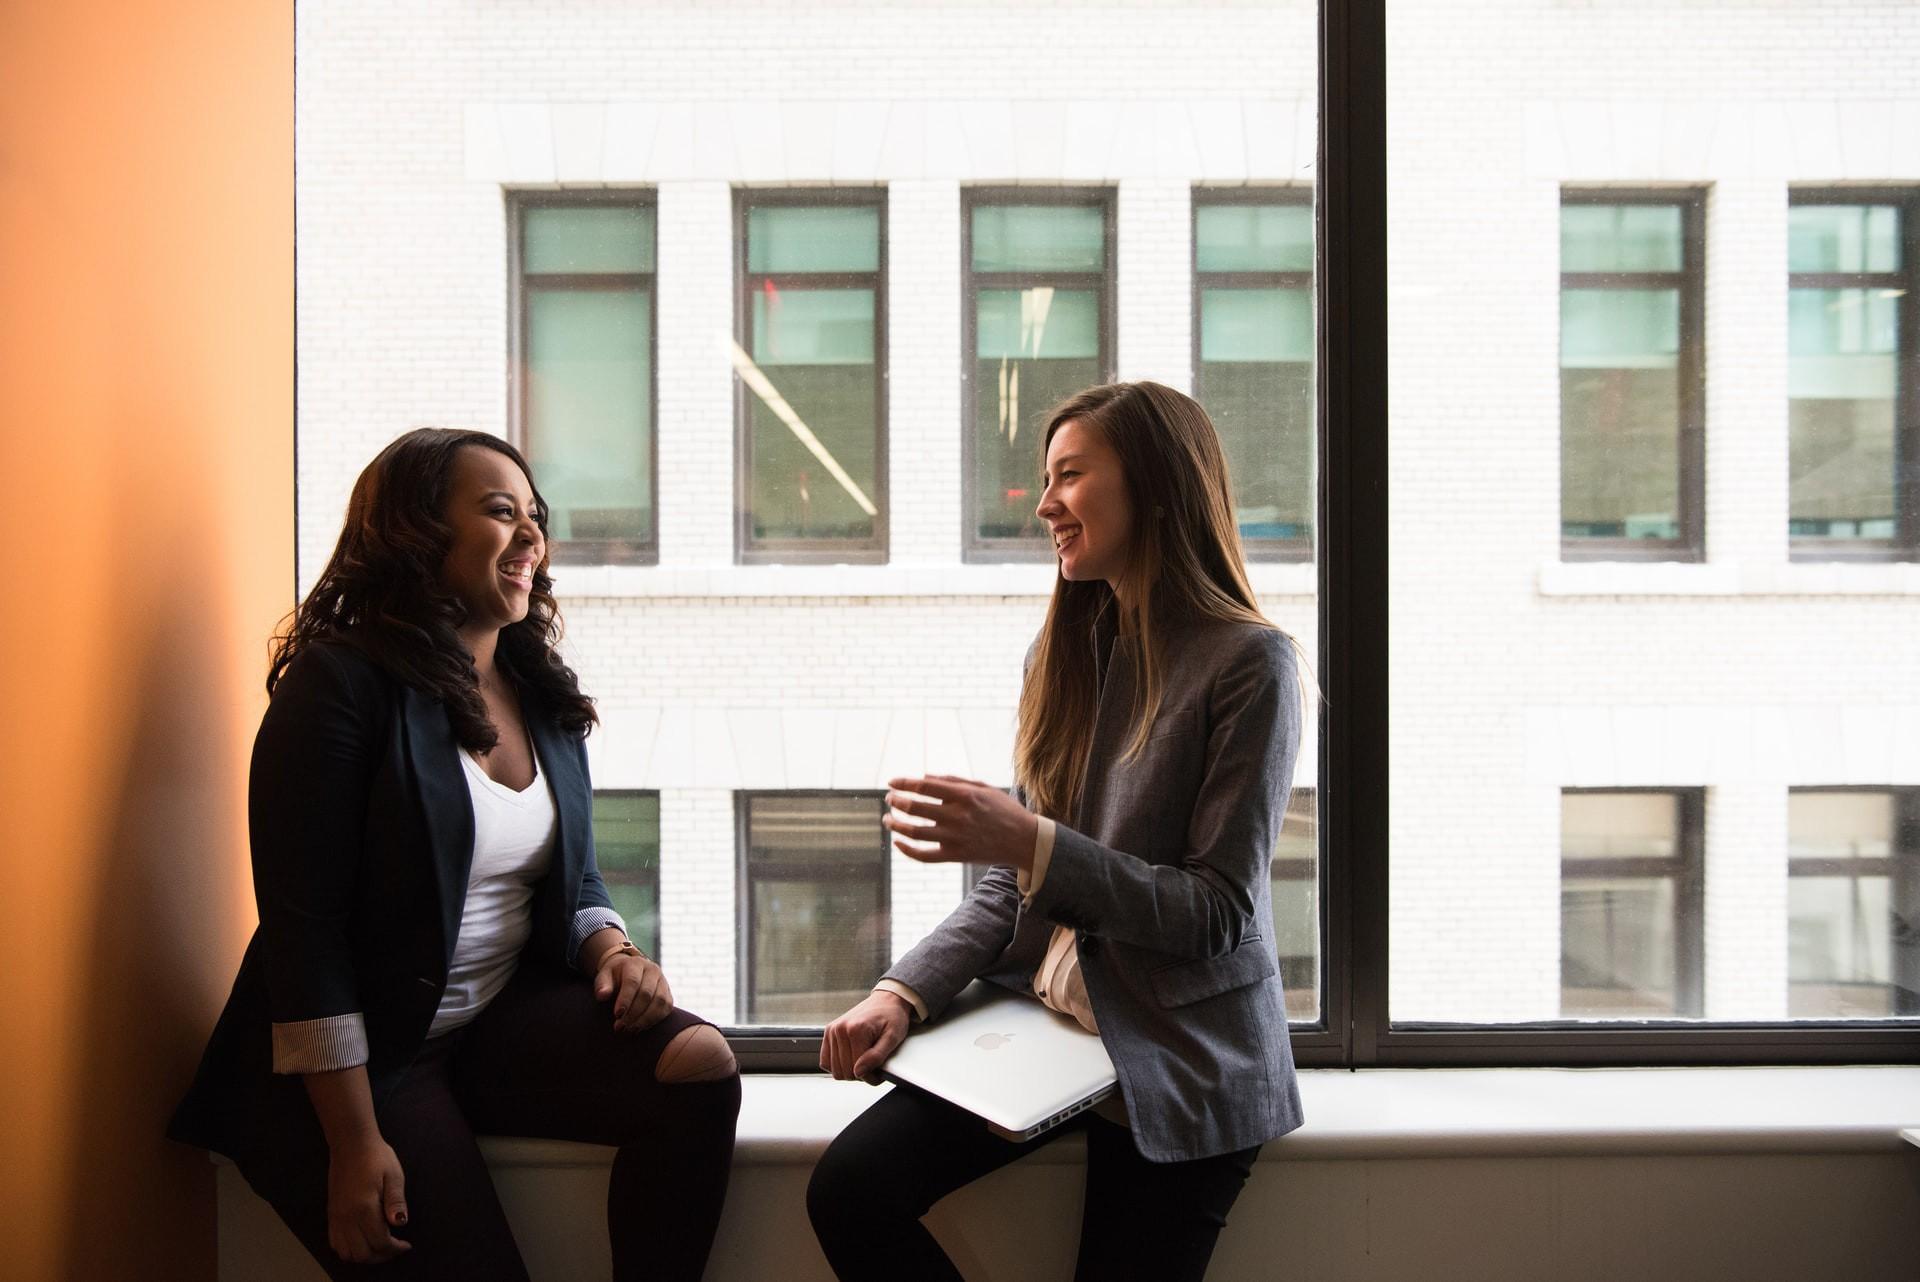 Foto zweier Frauen im Gespräch.